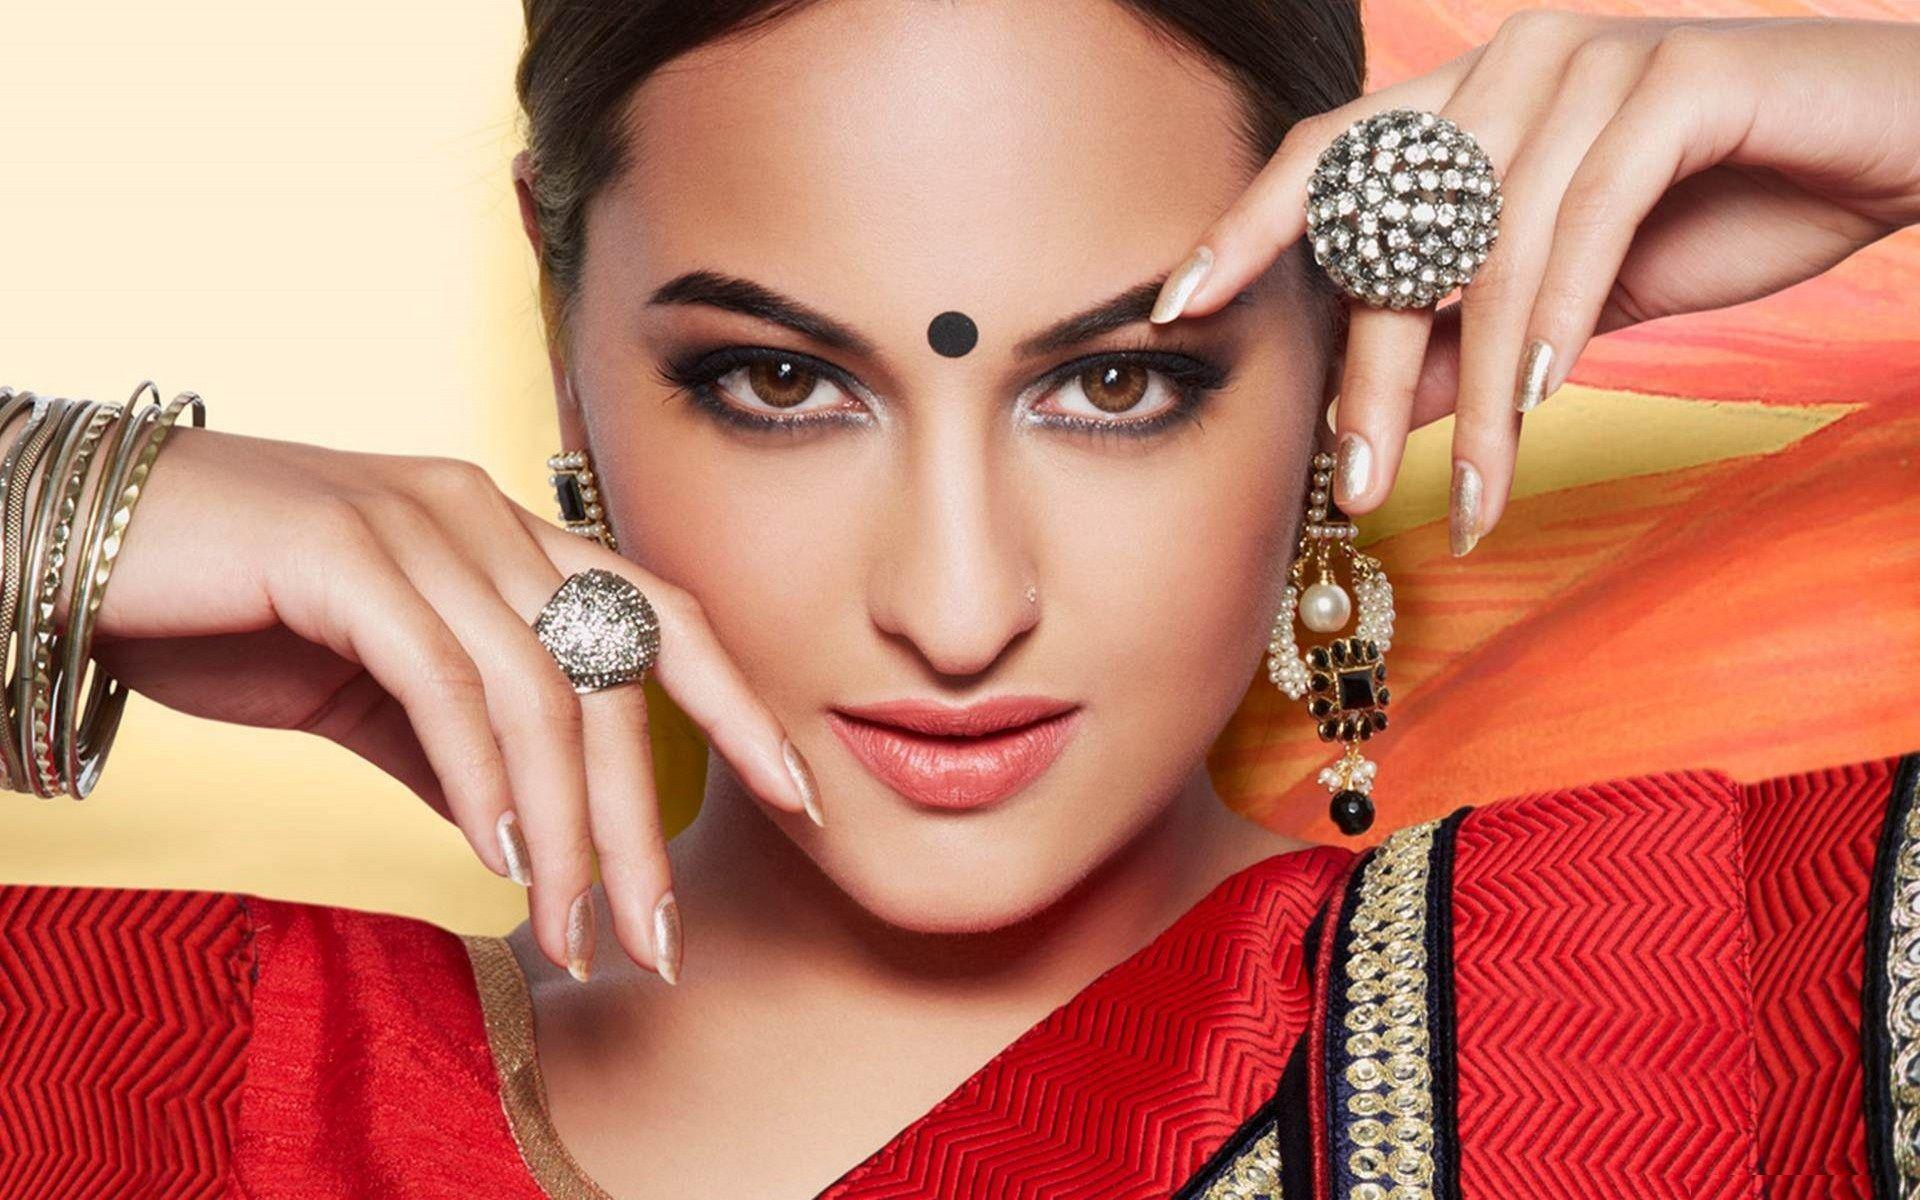 Hot Bollywood Actress Sonakshi Sinha Hd Wallpaper 1080p Sonakshi Sinha